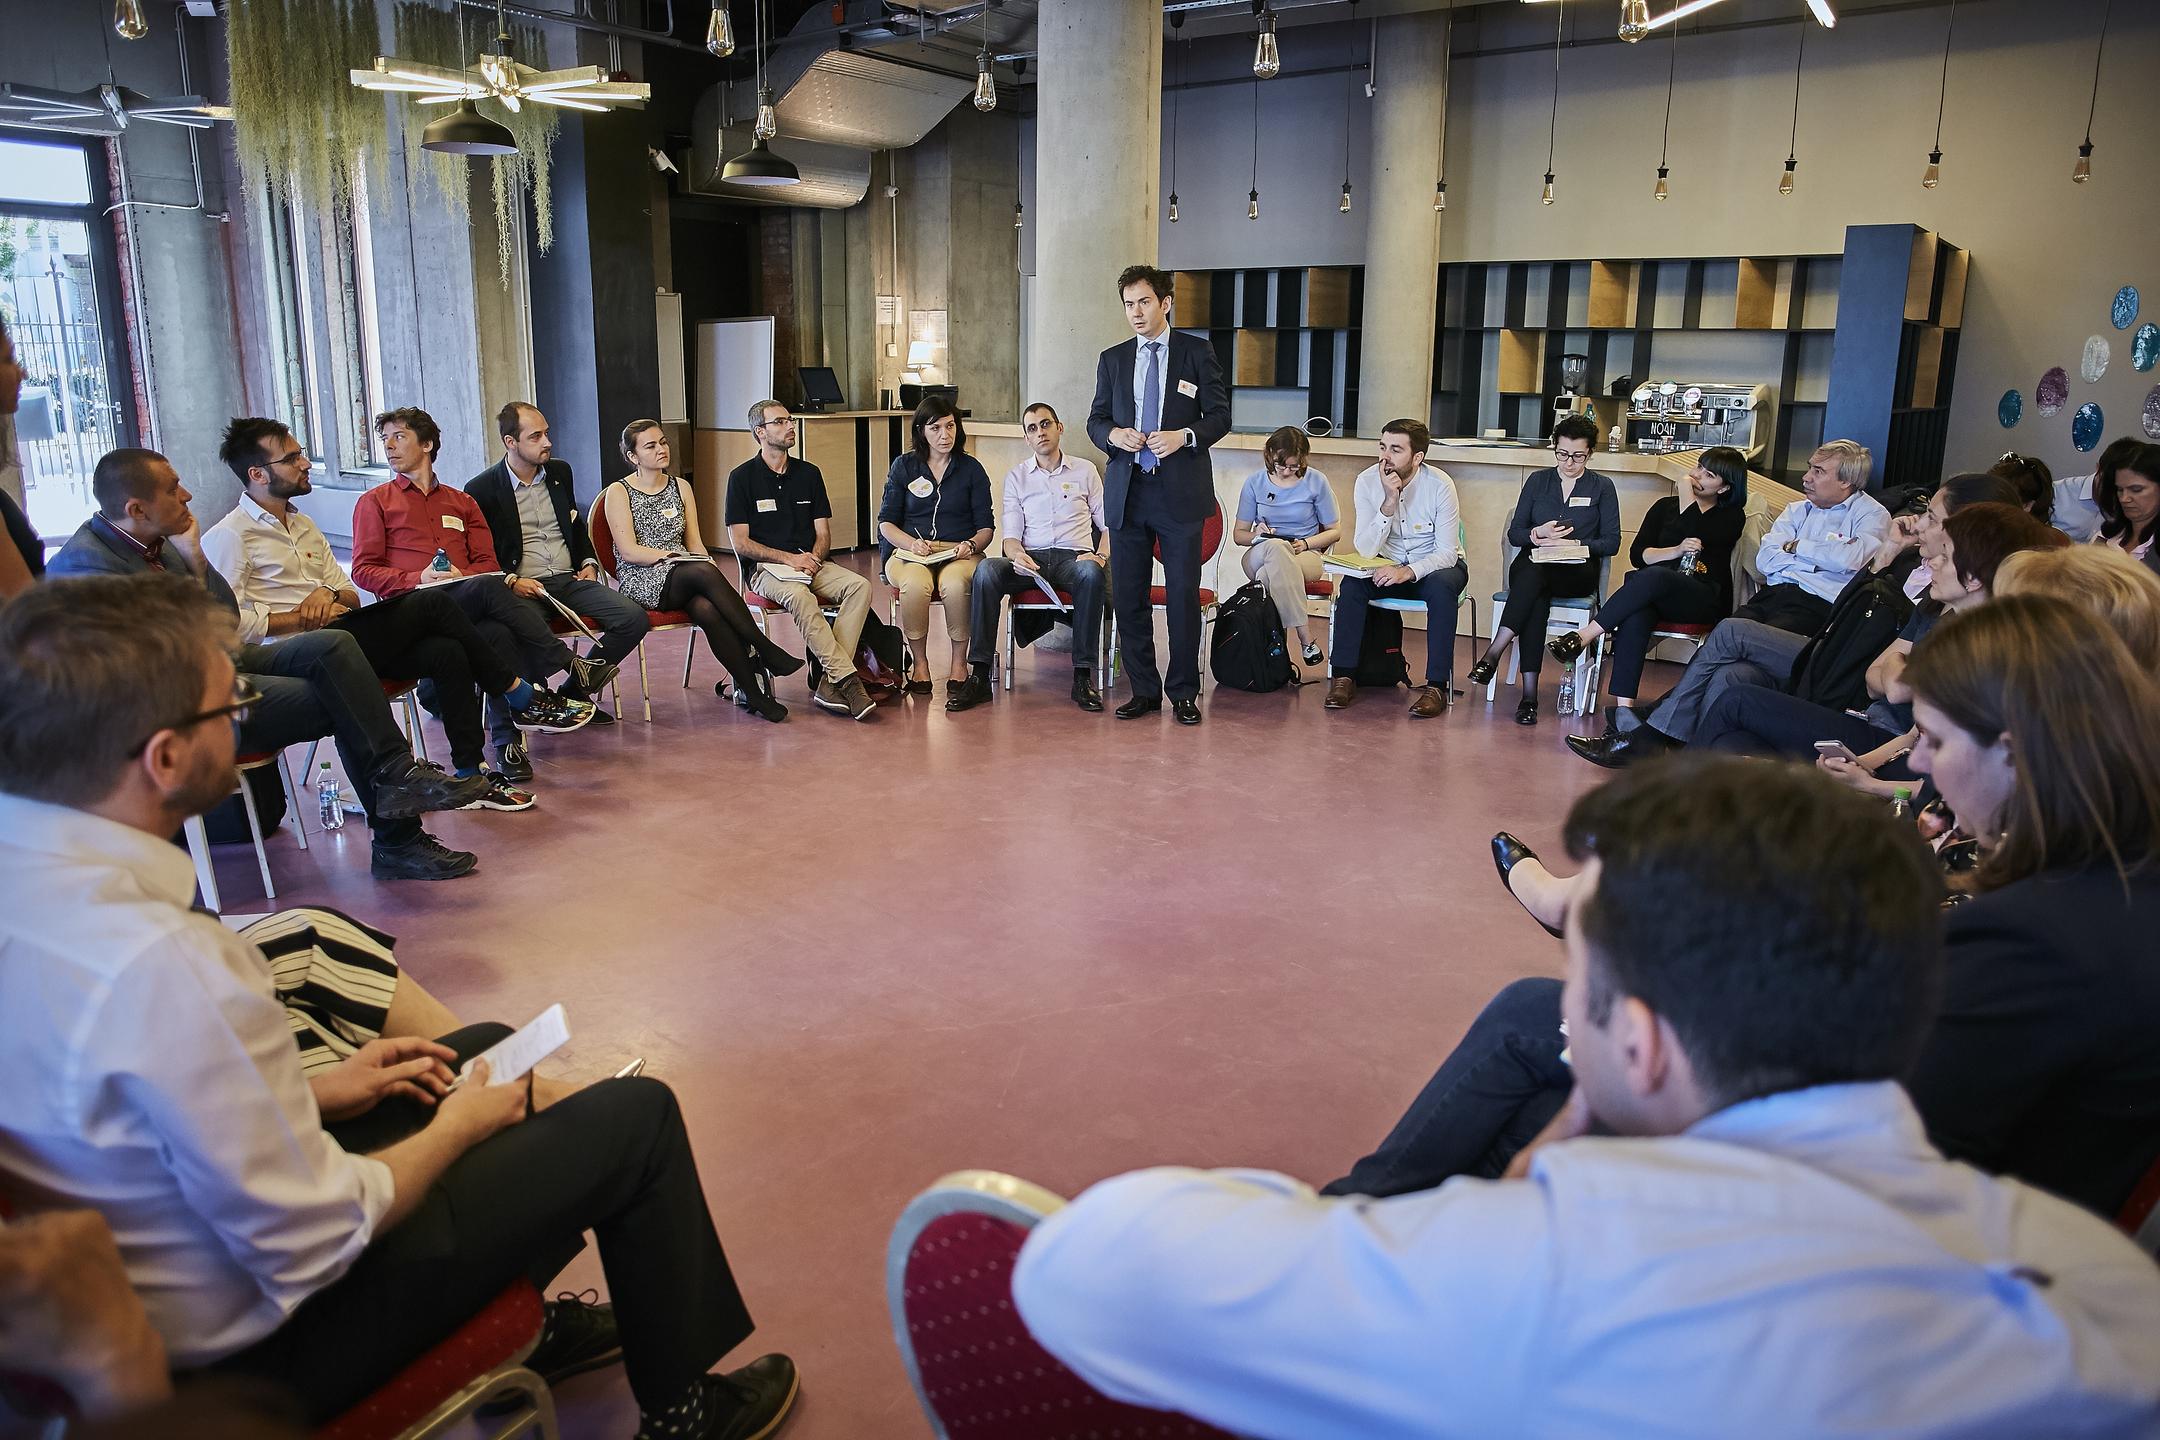 Topul Ashoka al Inovatorilor Sociali, cine sunt oamenii care aduc schimbare